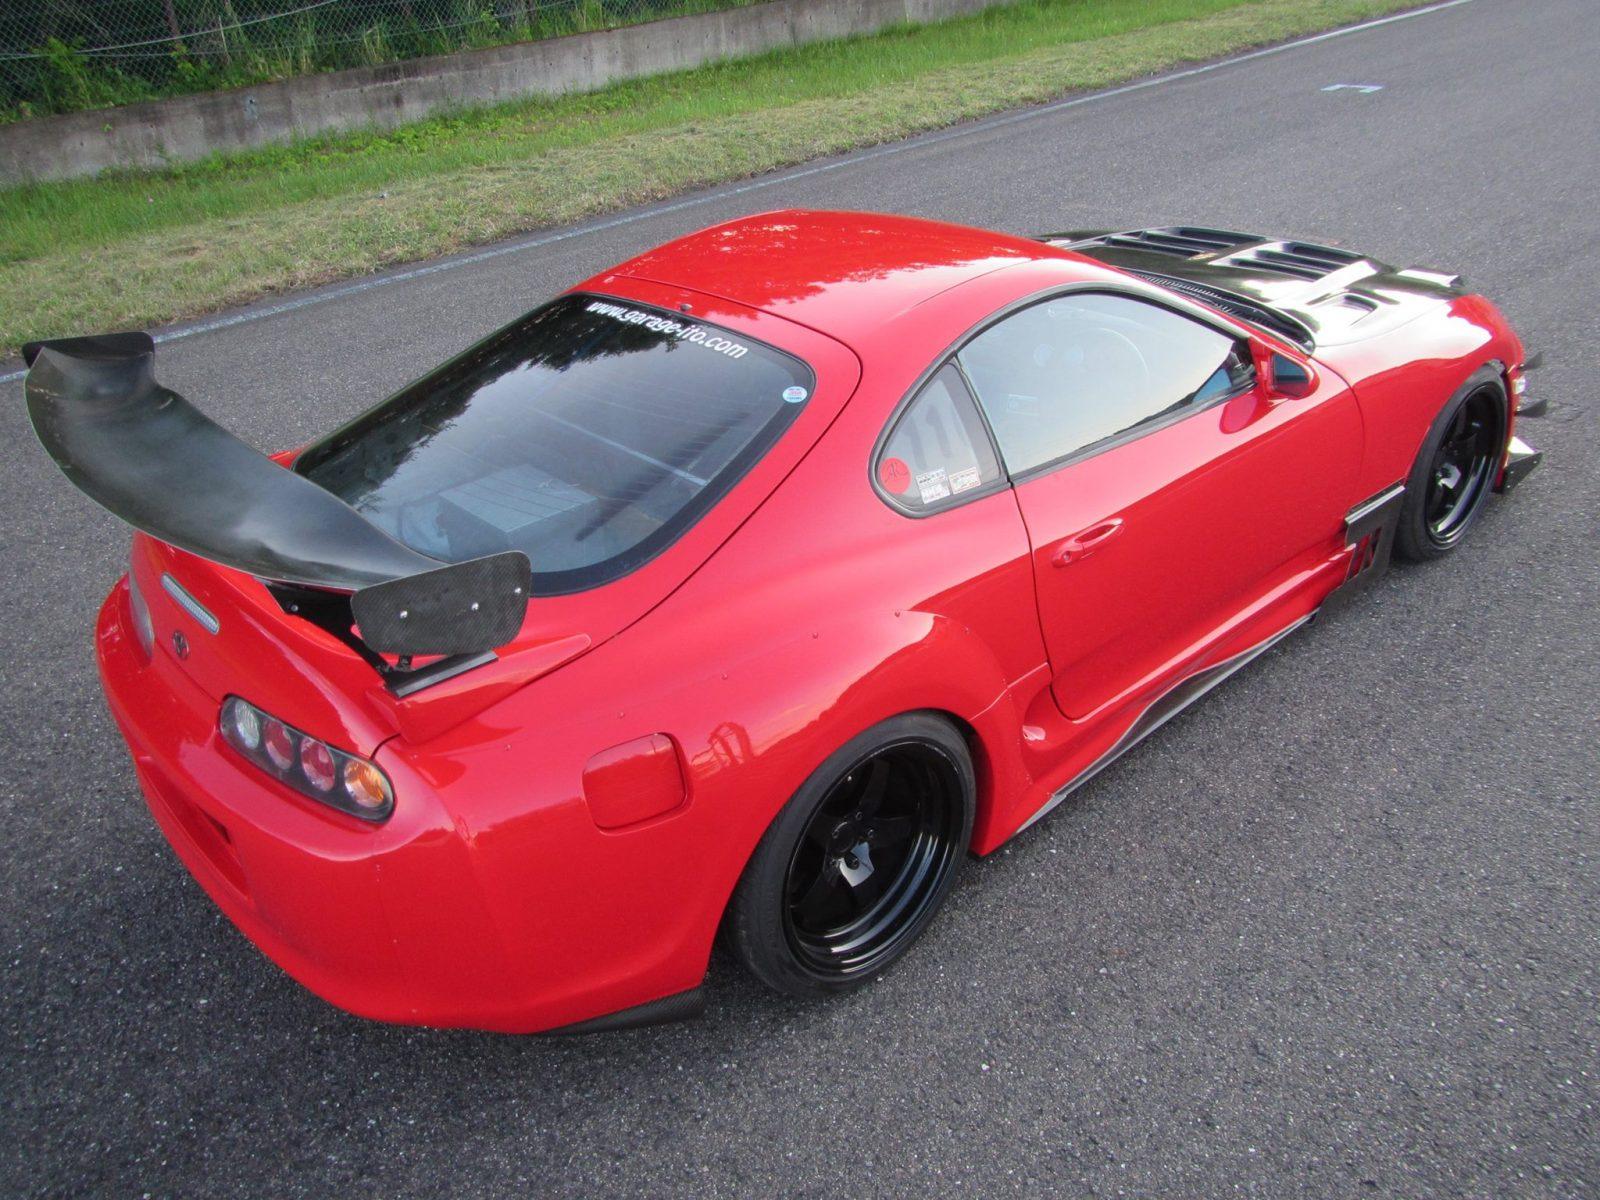 13412183_1024840854218126_2035460581752060056_o Terrific Ferrari Mondial Le Bon Coin Cars Trend